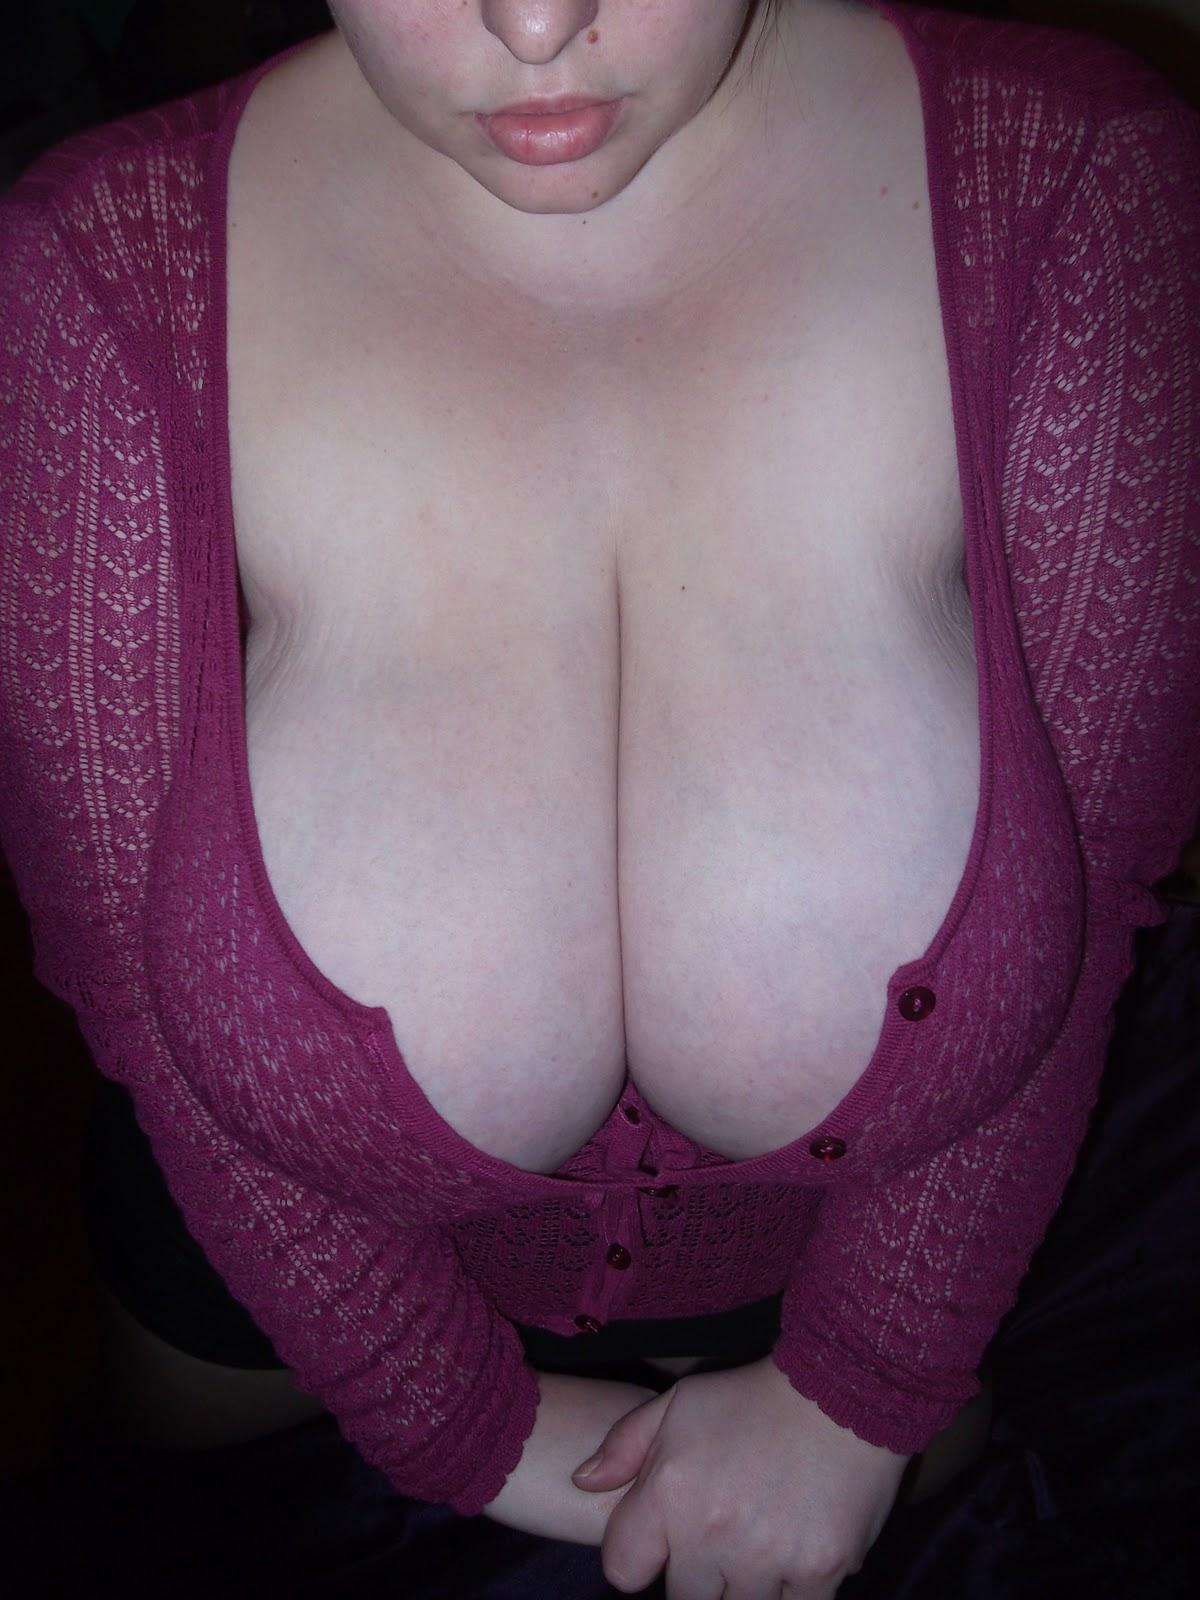 tumblr amatuer cleavage